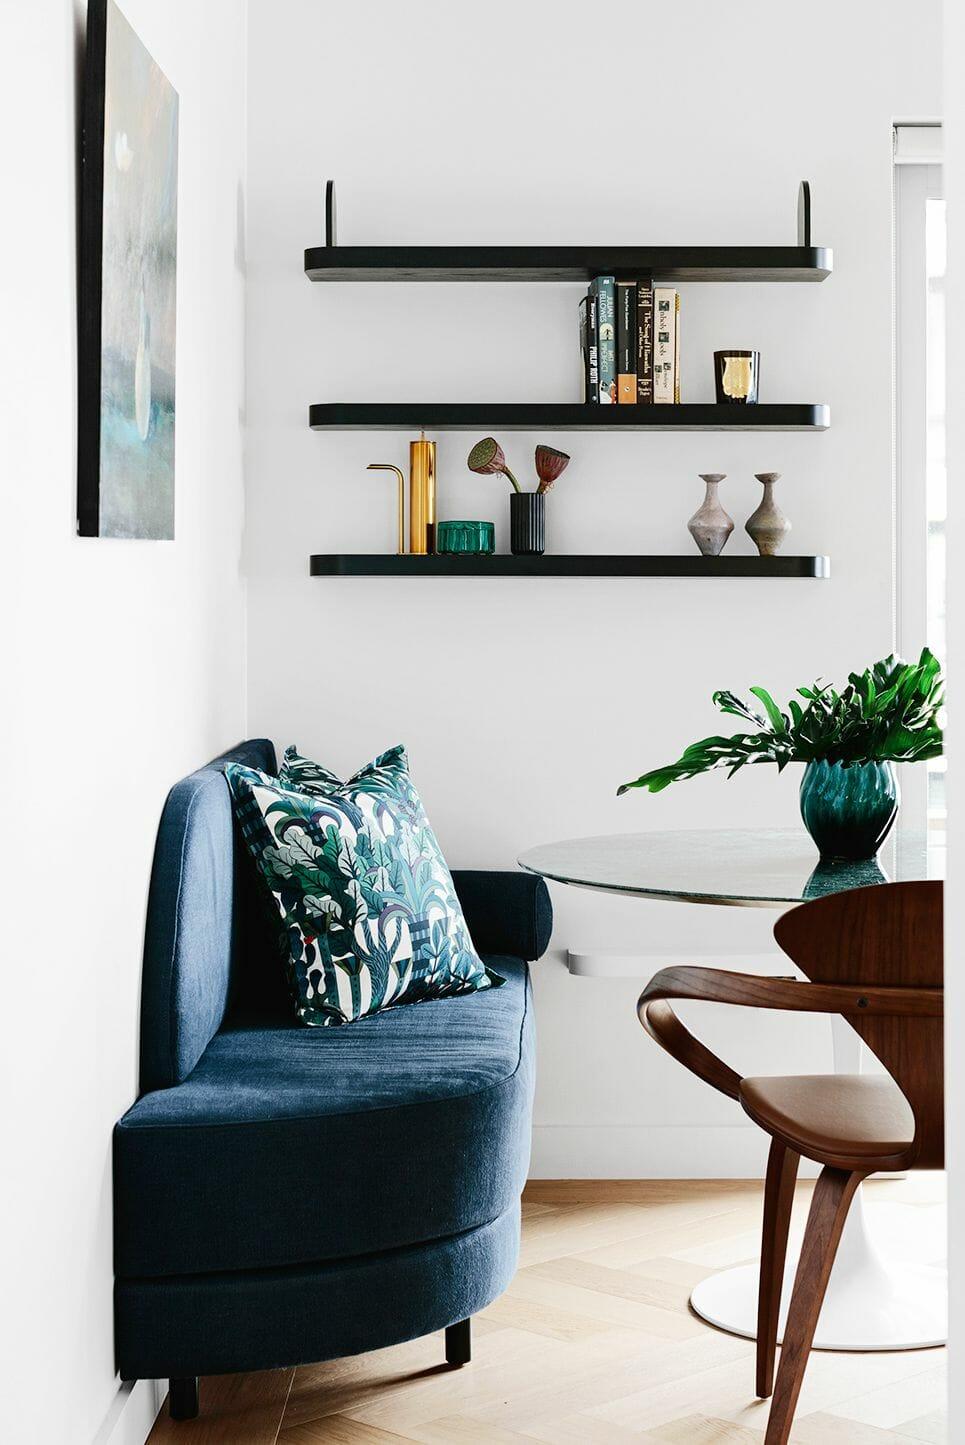 hình ảnh phòng ăn nhỏ đẹp với bàn tròn, ghế sofa bọc vải màu xanh dương, kệ gỗ màu đen nổi bật trên nền tường trắng